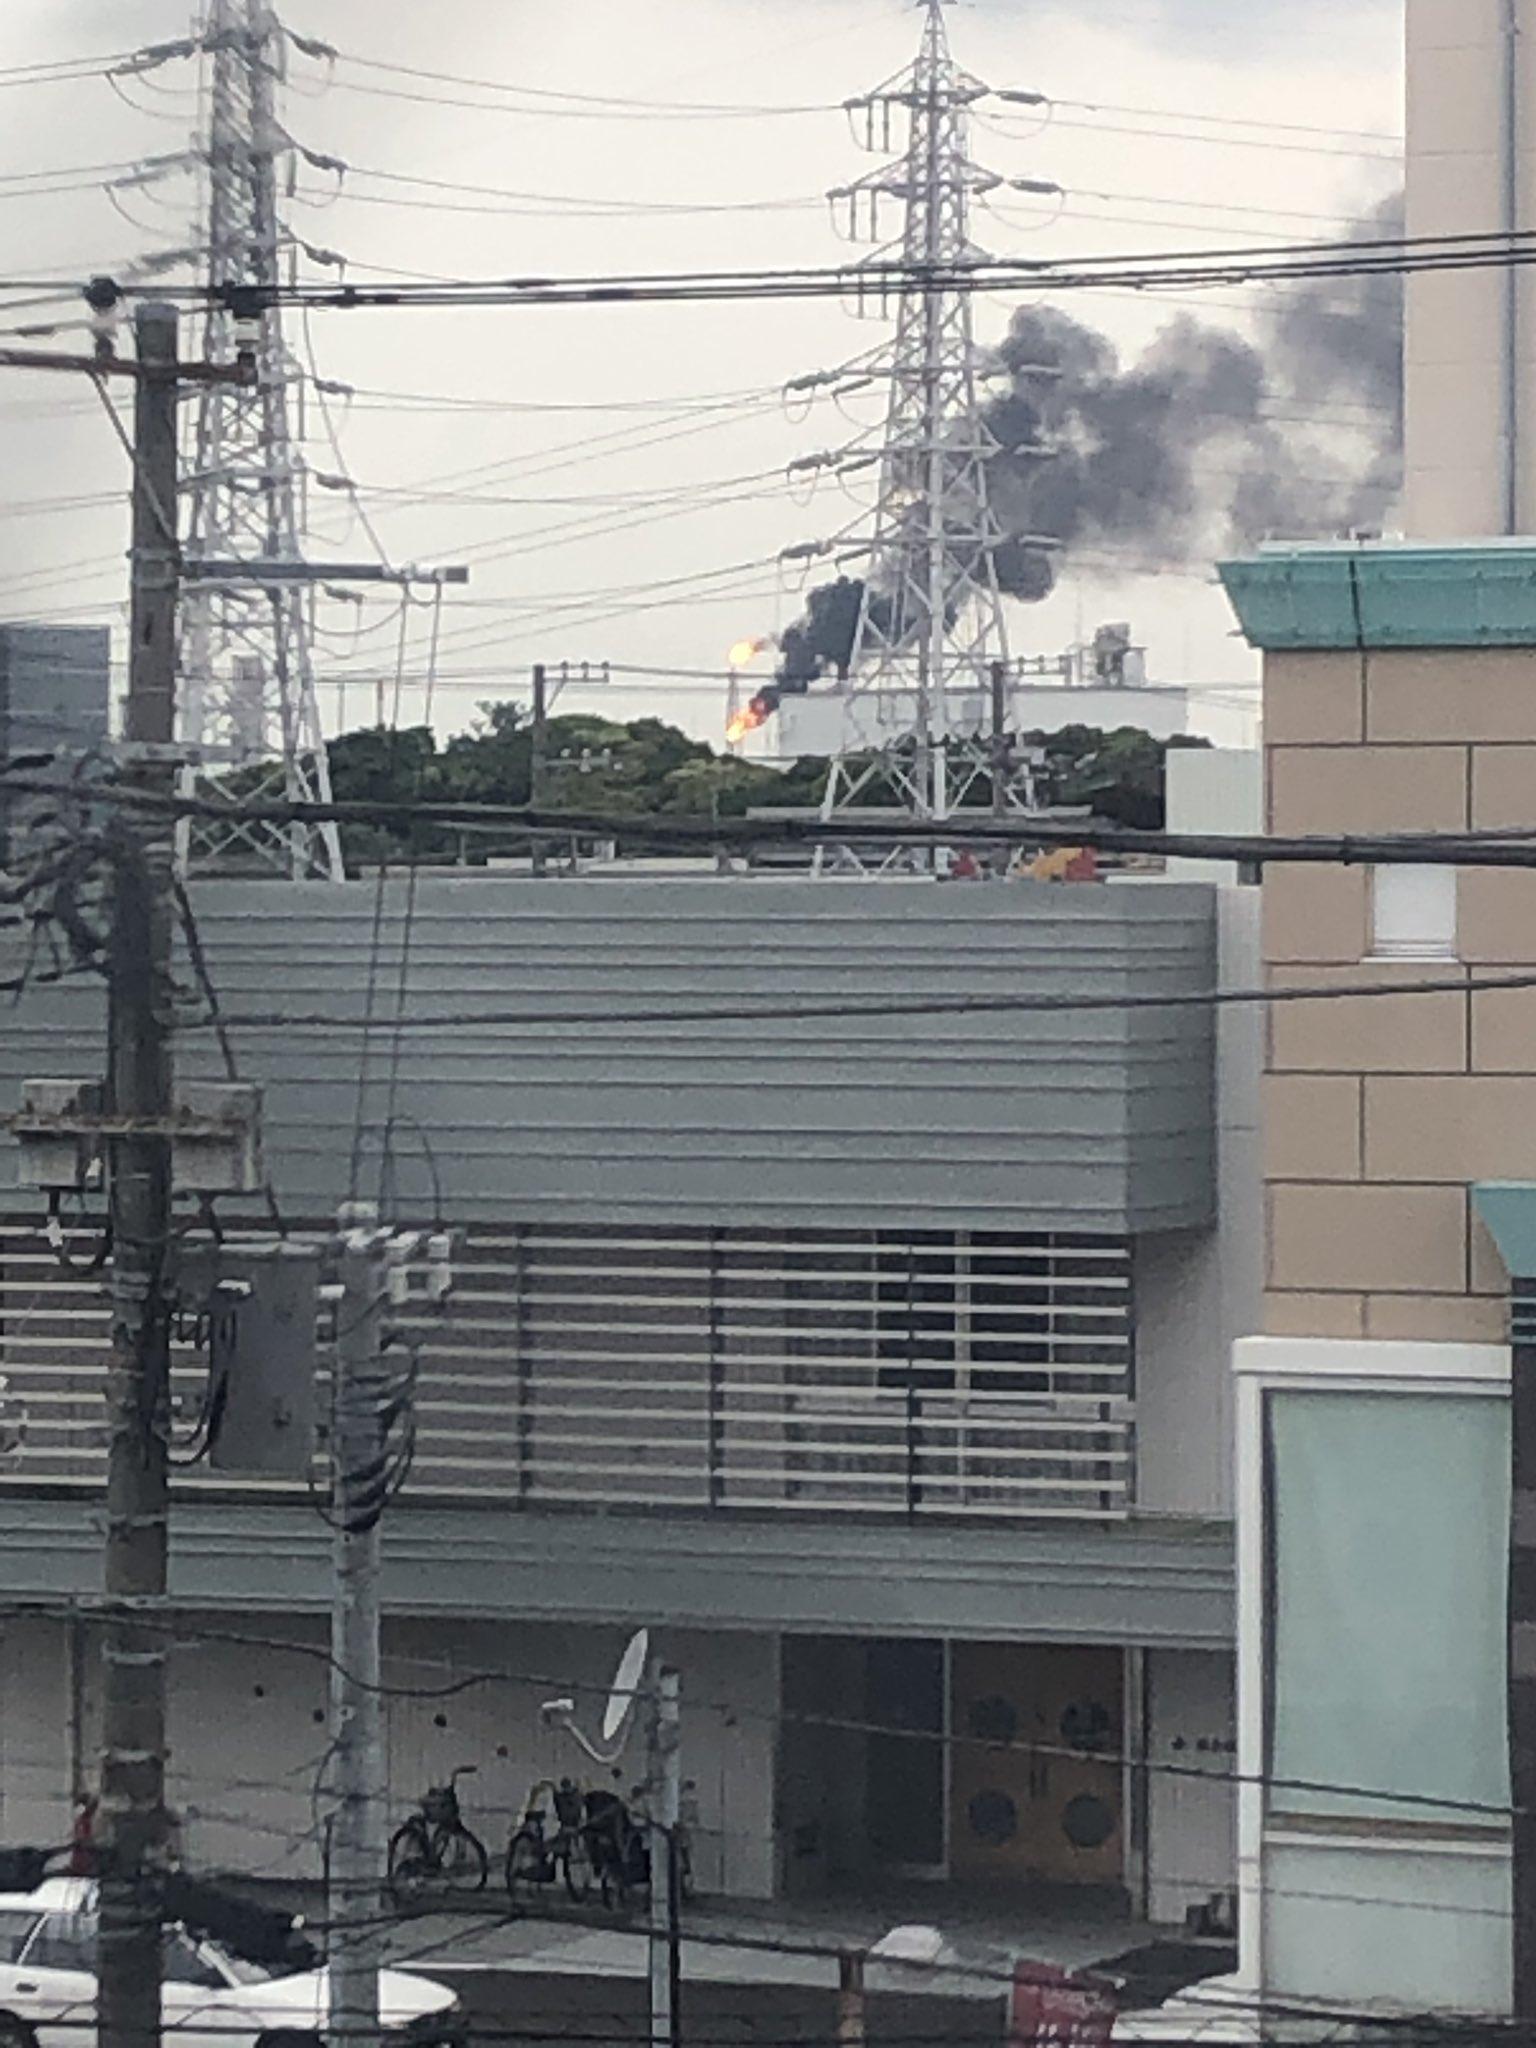 千葉市中央区付近で火事が起きている現場画像